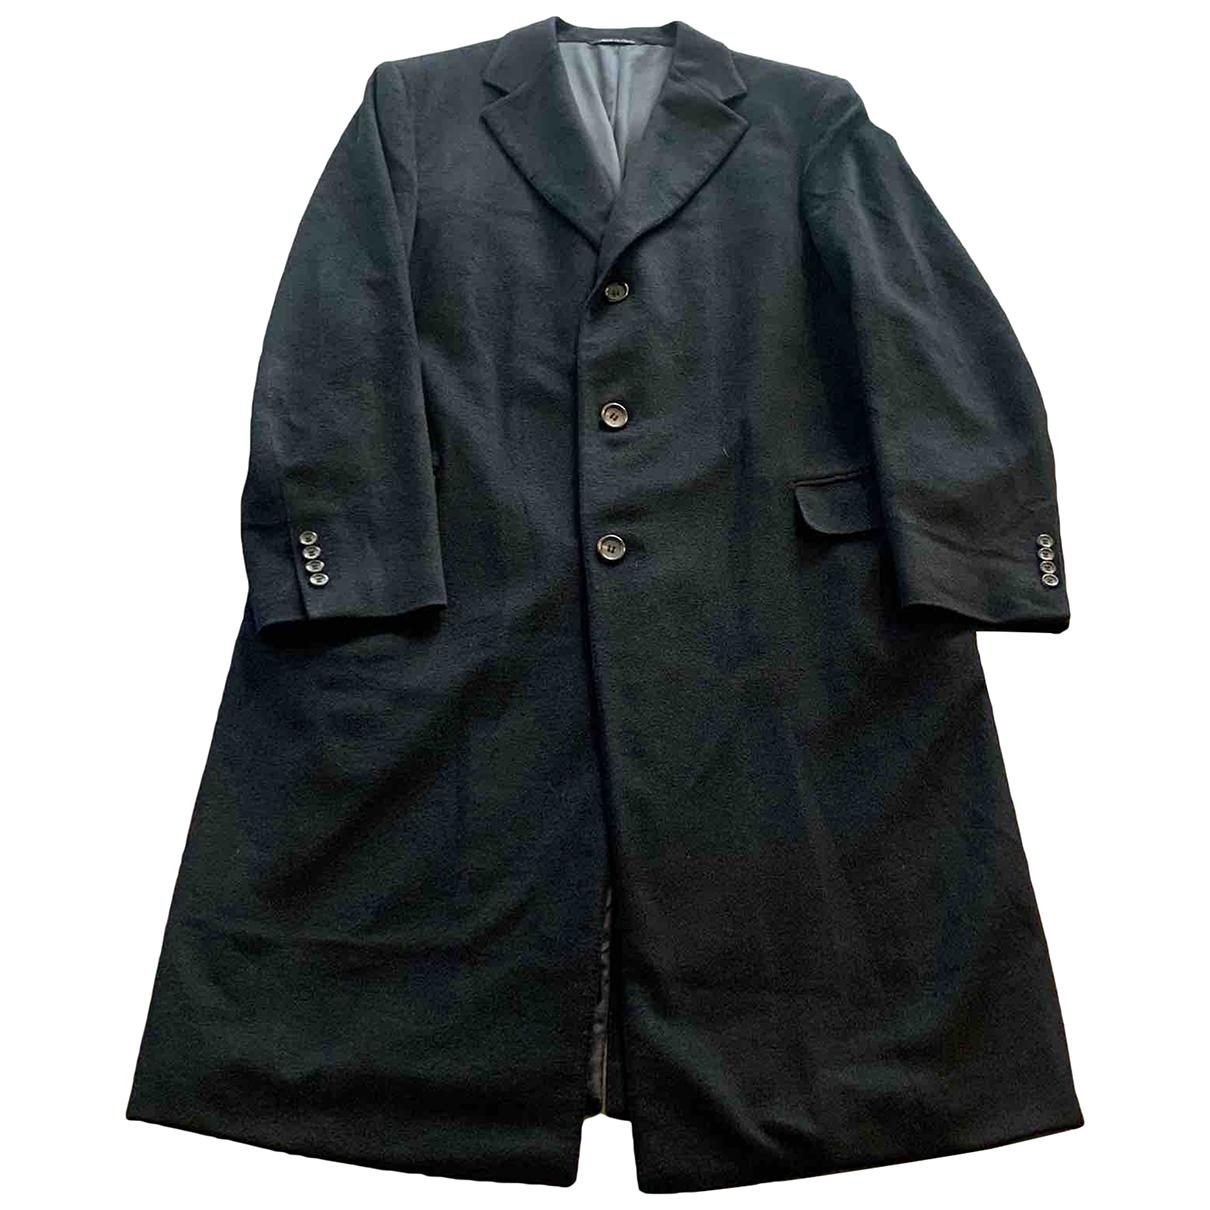 Canali - Manteau   pour homme en cachemire - noir